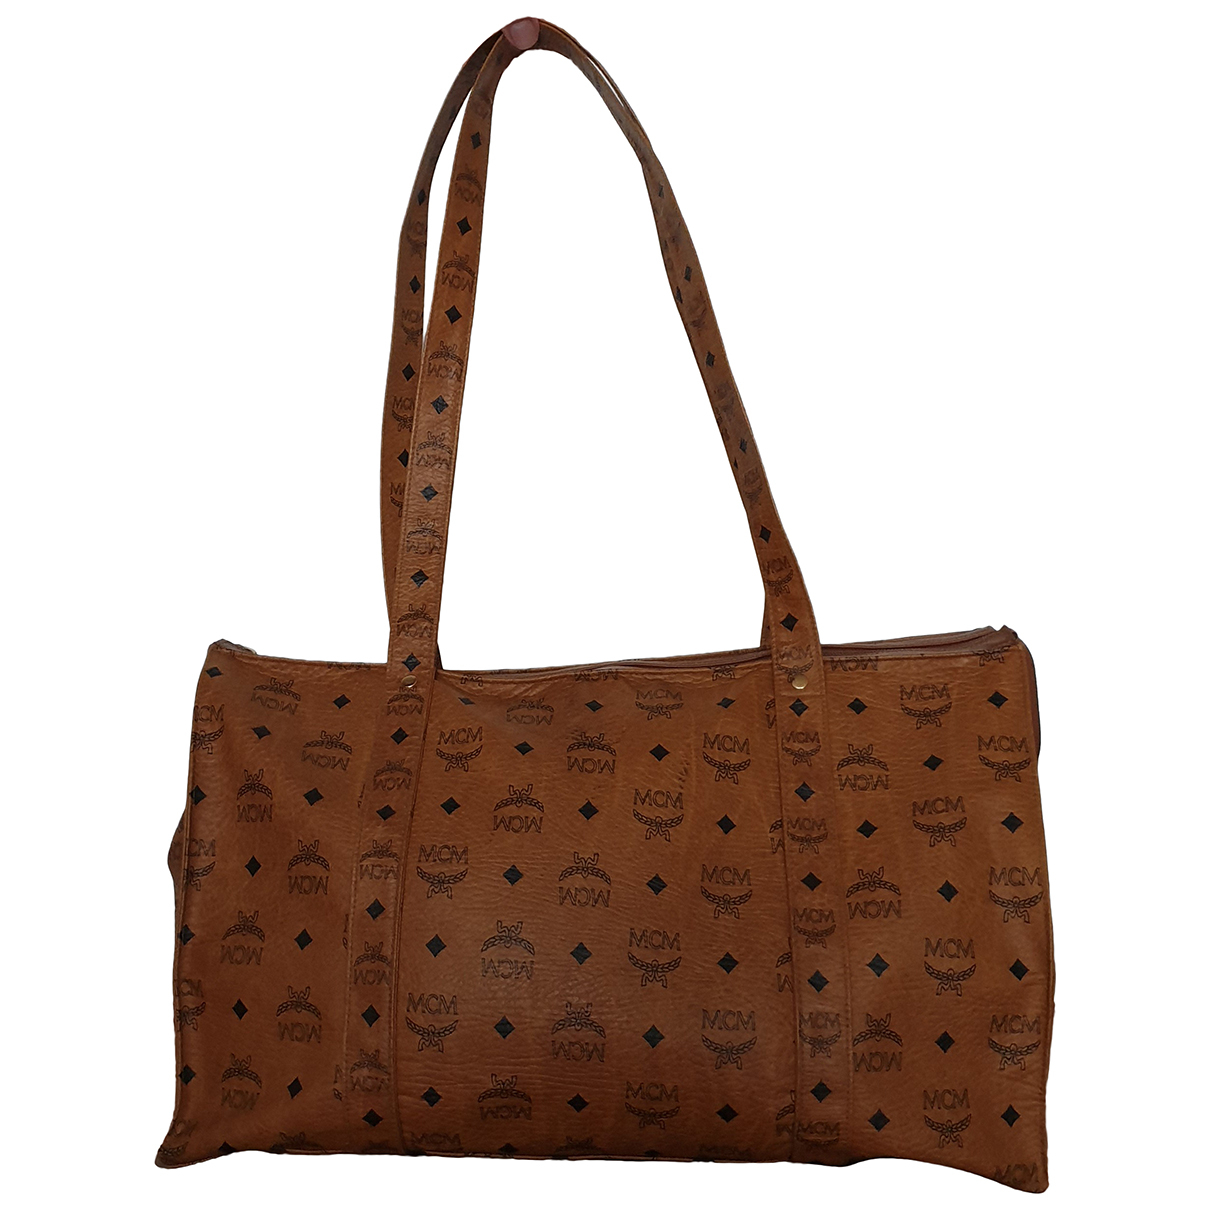 Mcm - Sac de voyage   pour femme en cuir - marron